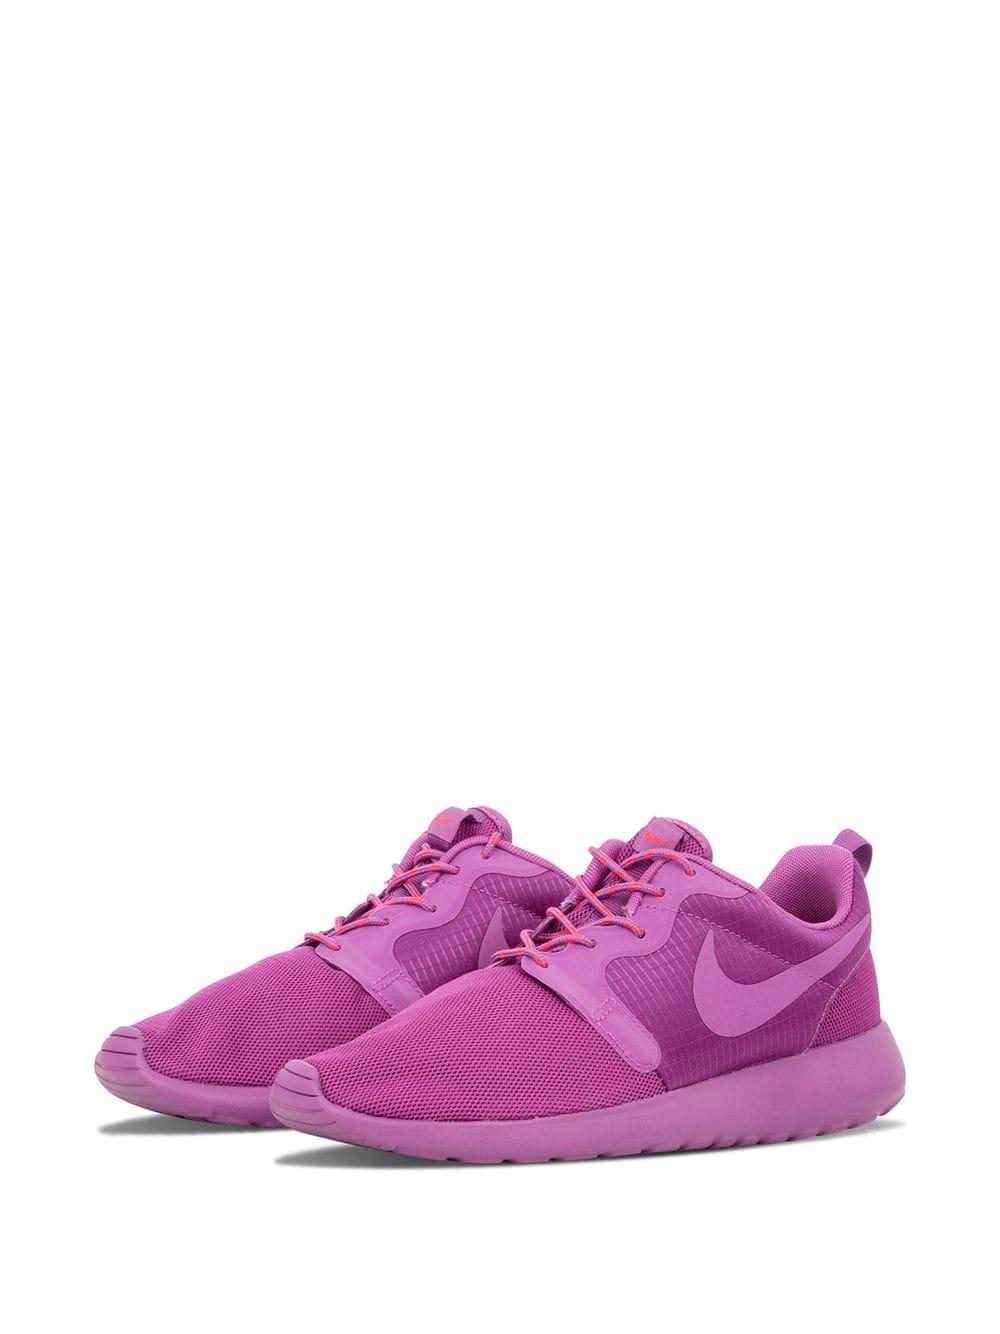 Nike Rosherun Hyperfuse Sneakers in Purple Lyst